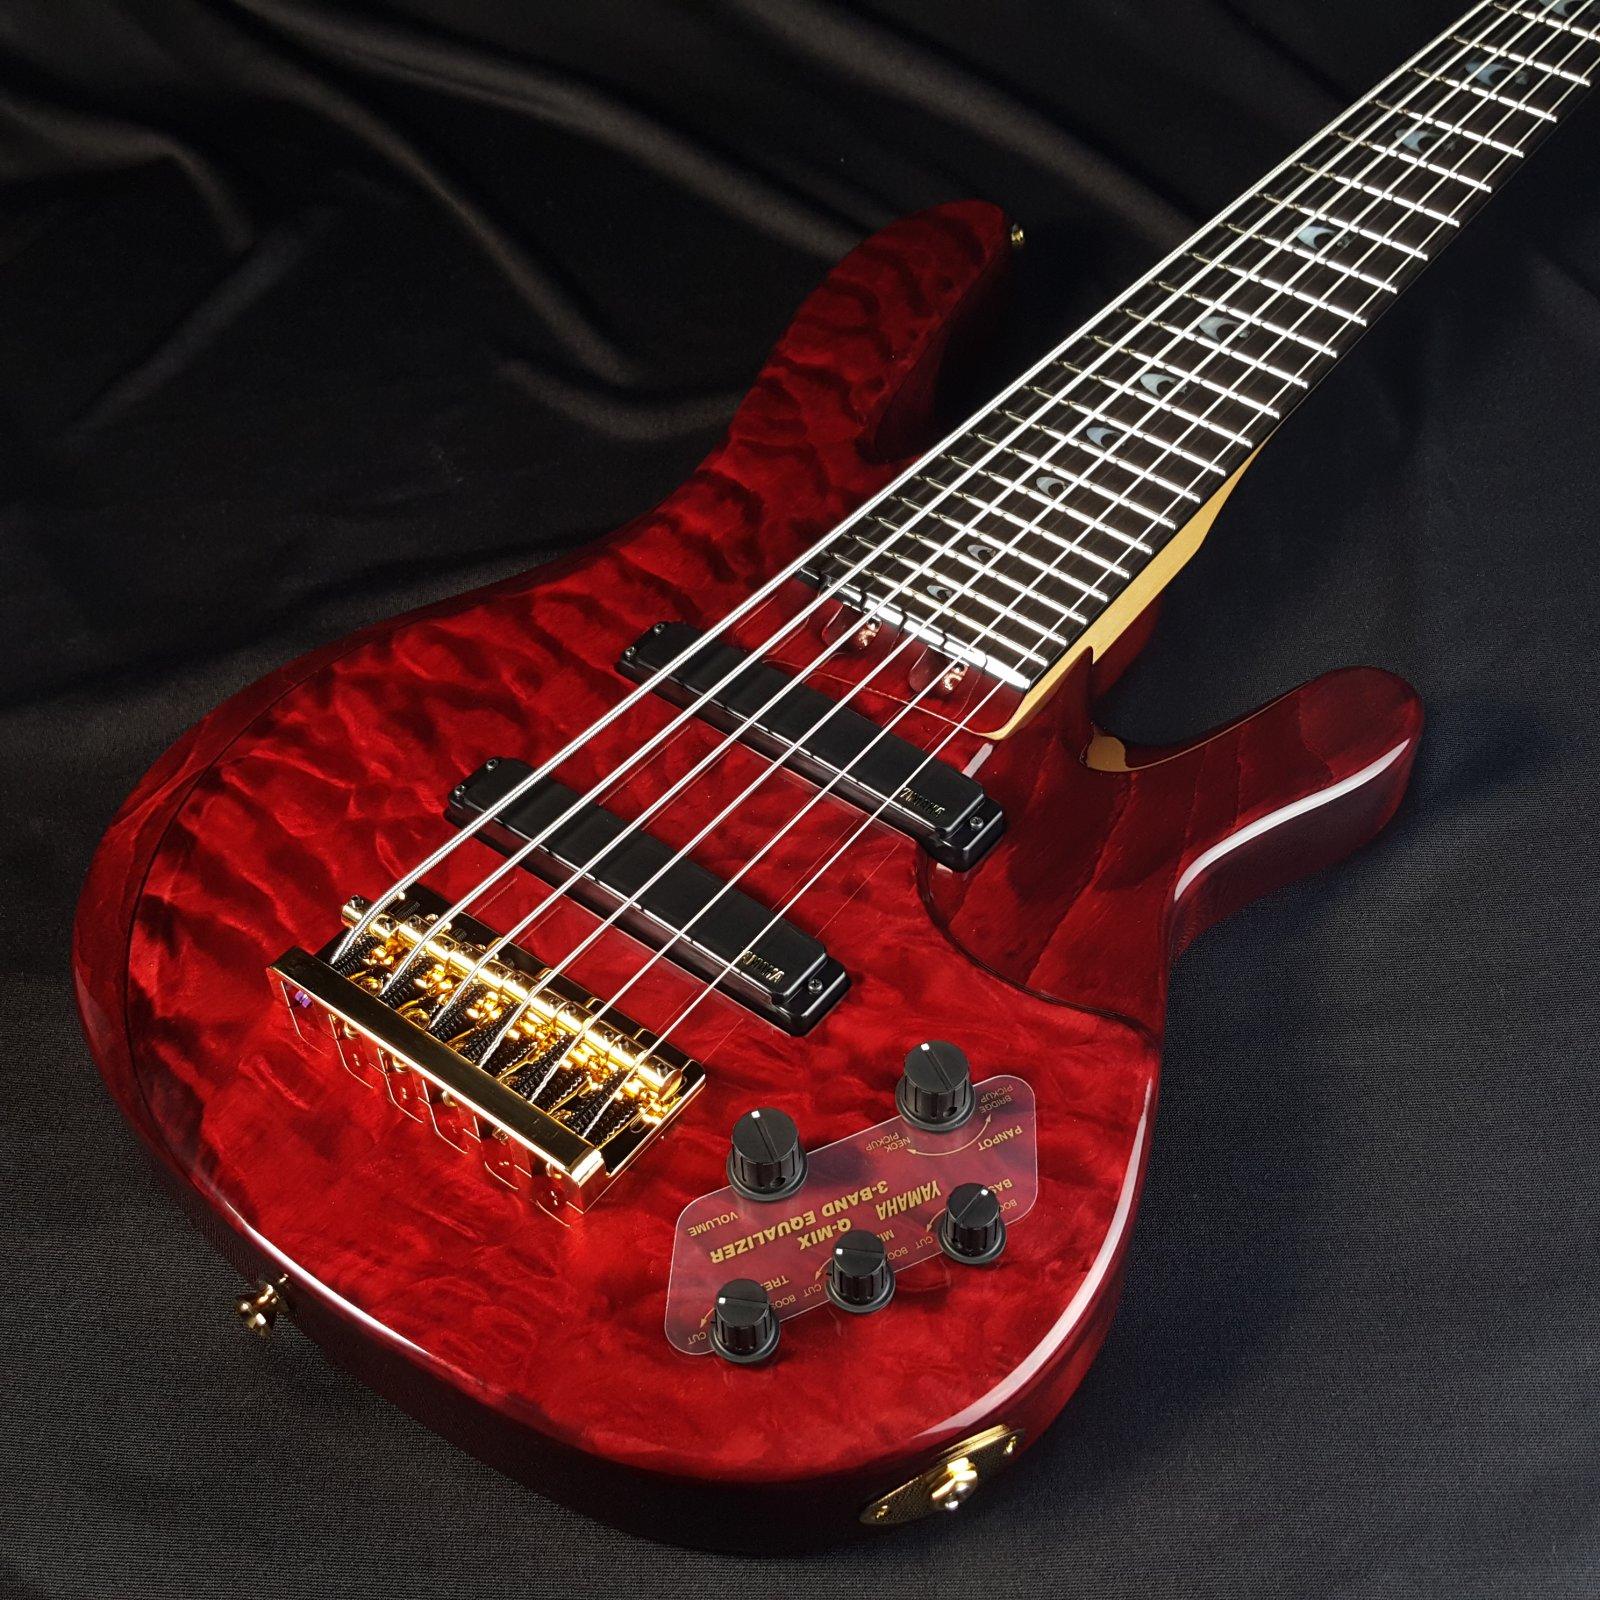 Yamaha  6 String John Patitucci Signature Bass with Hard Case TRBJP2